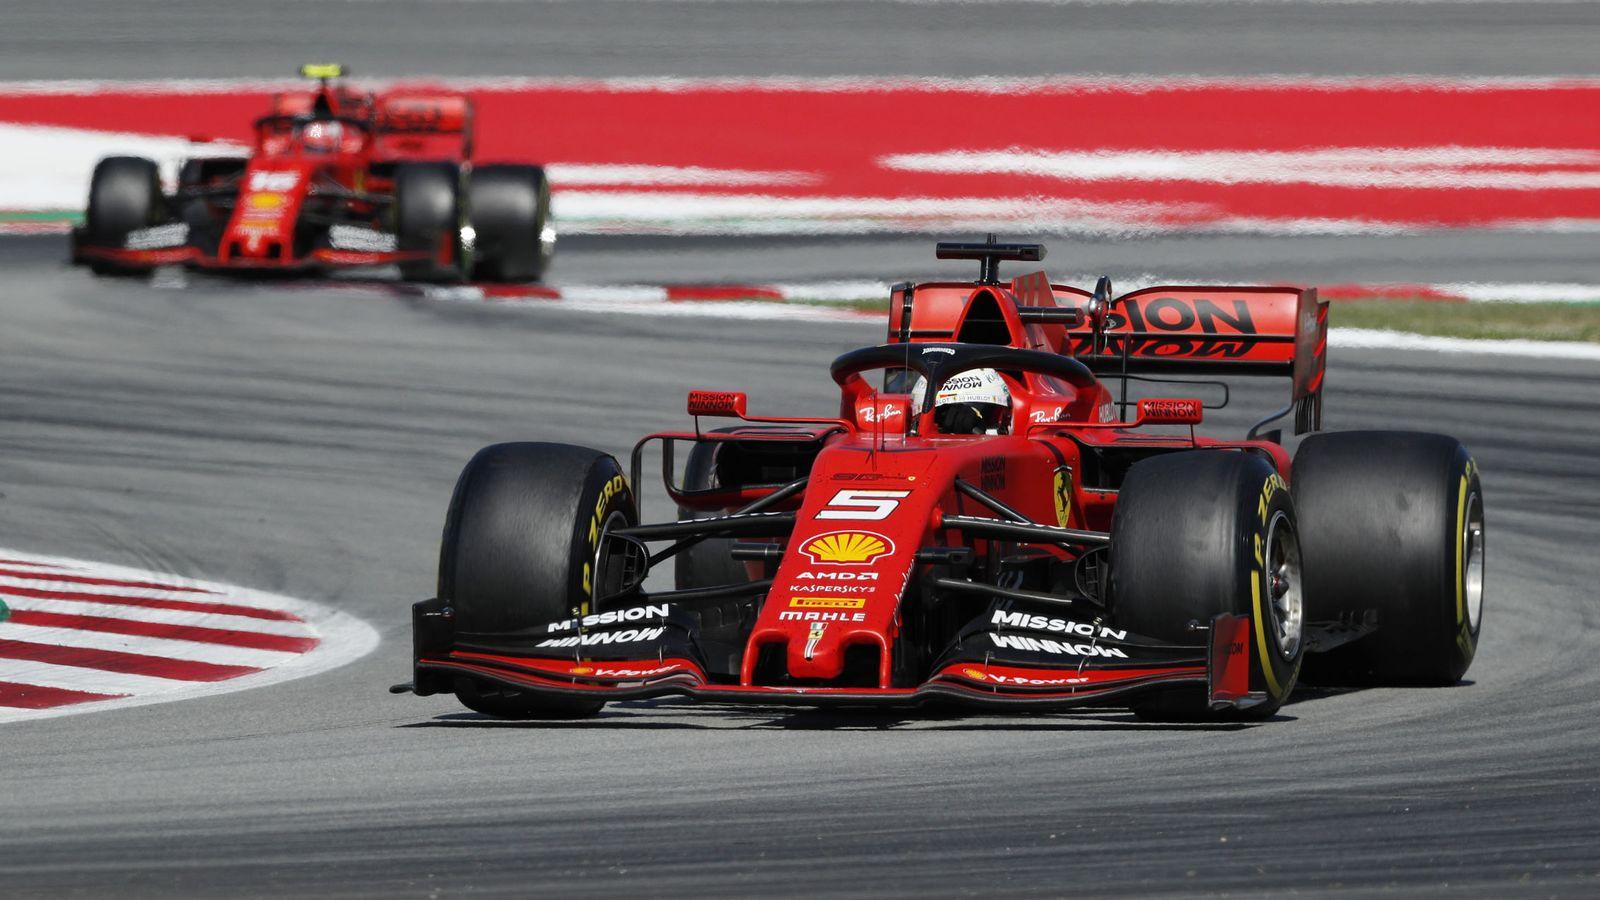 Foto: Sebastian Vettel (en primer plano) Charles Leclerc durante el Gran Premio de España de Fórmula 1. (Reuters)